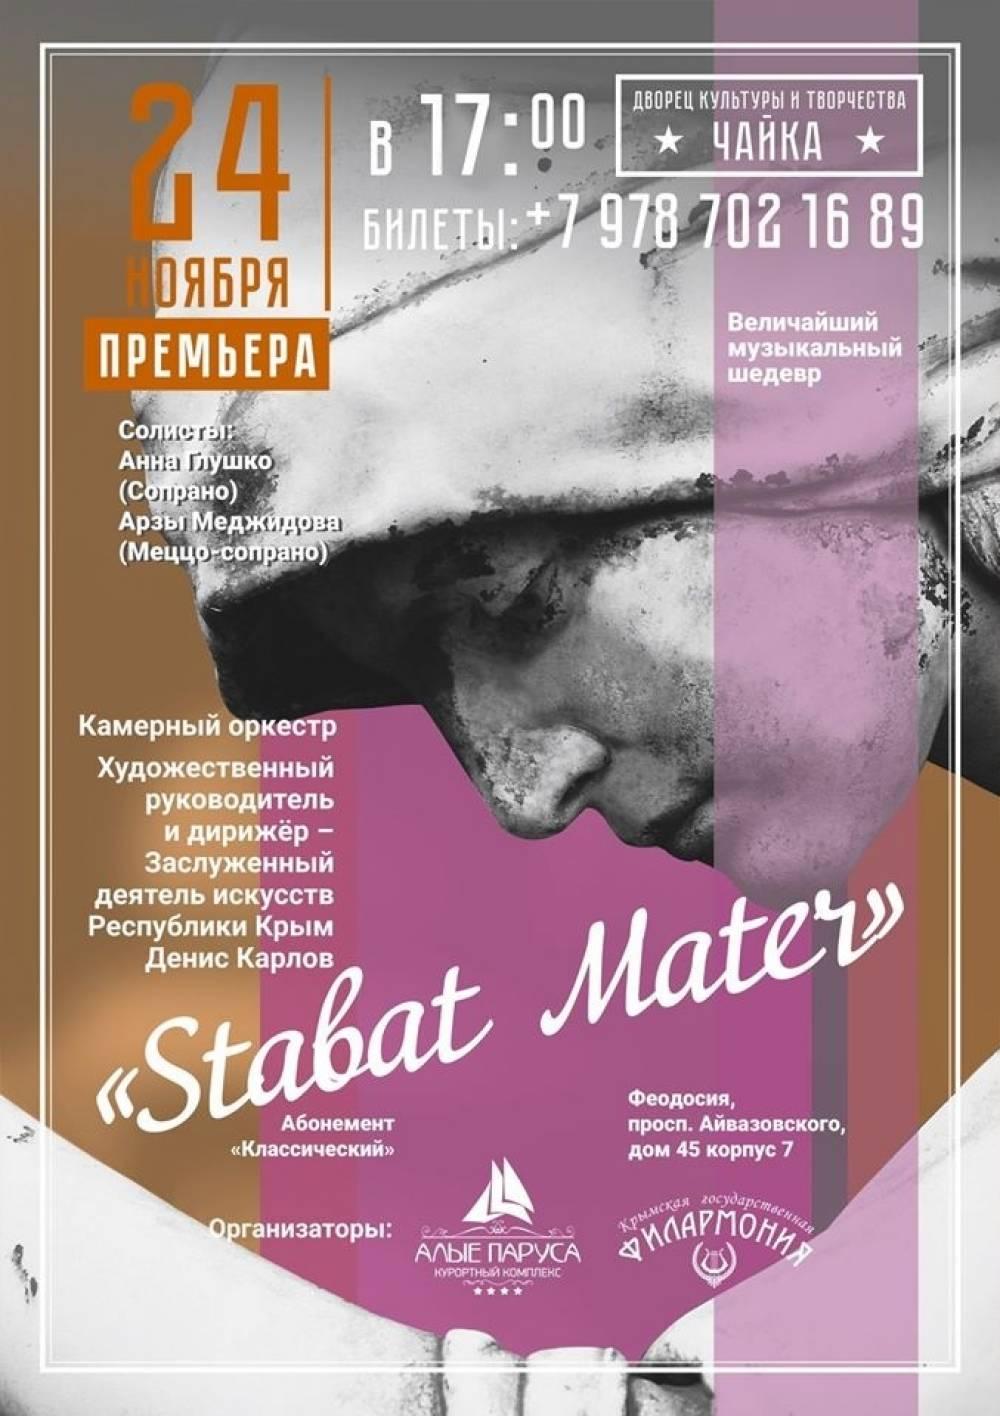 Концерт классической музыки «Stabat Mater» во Дворце культуры «Чайка»